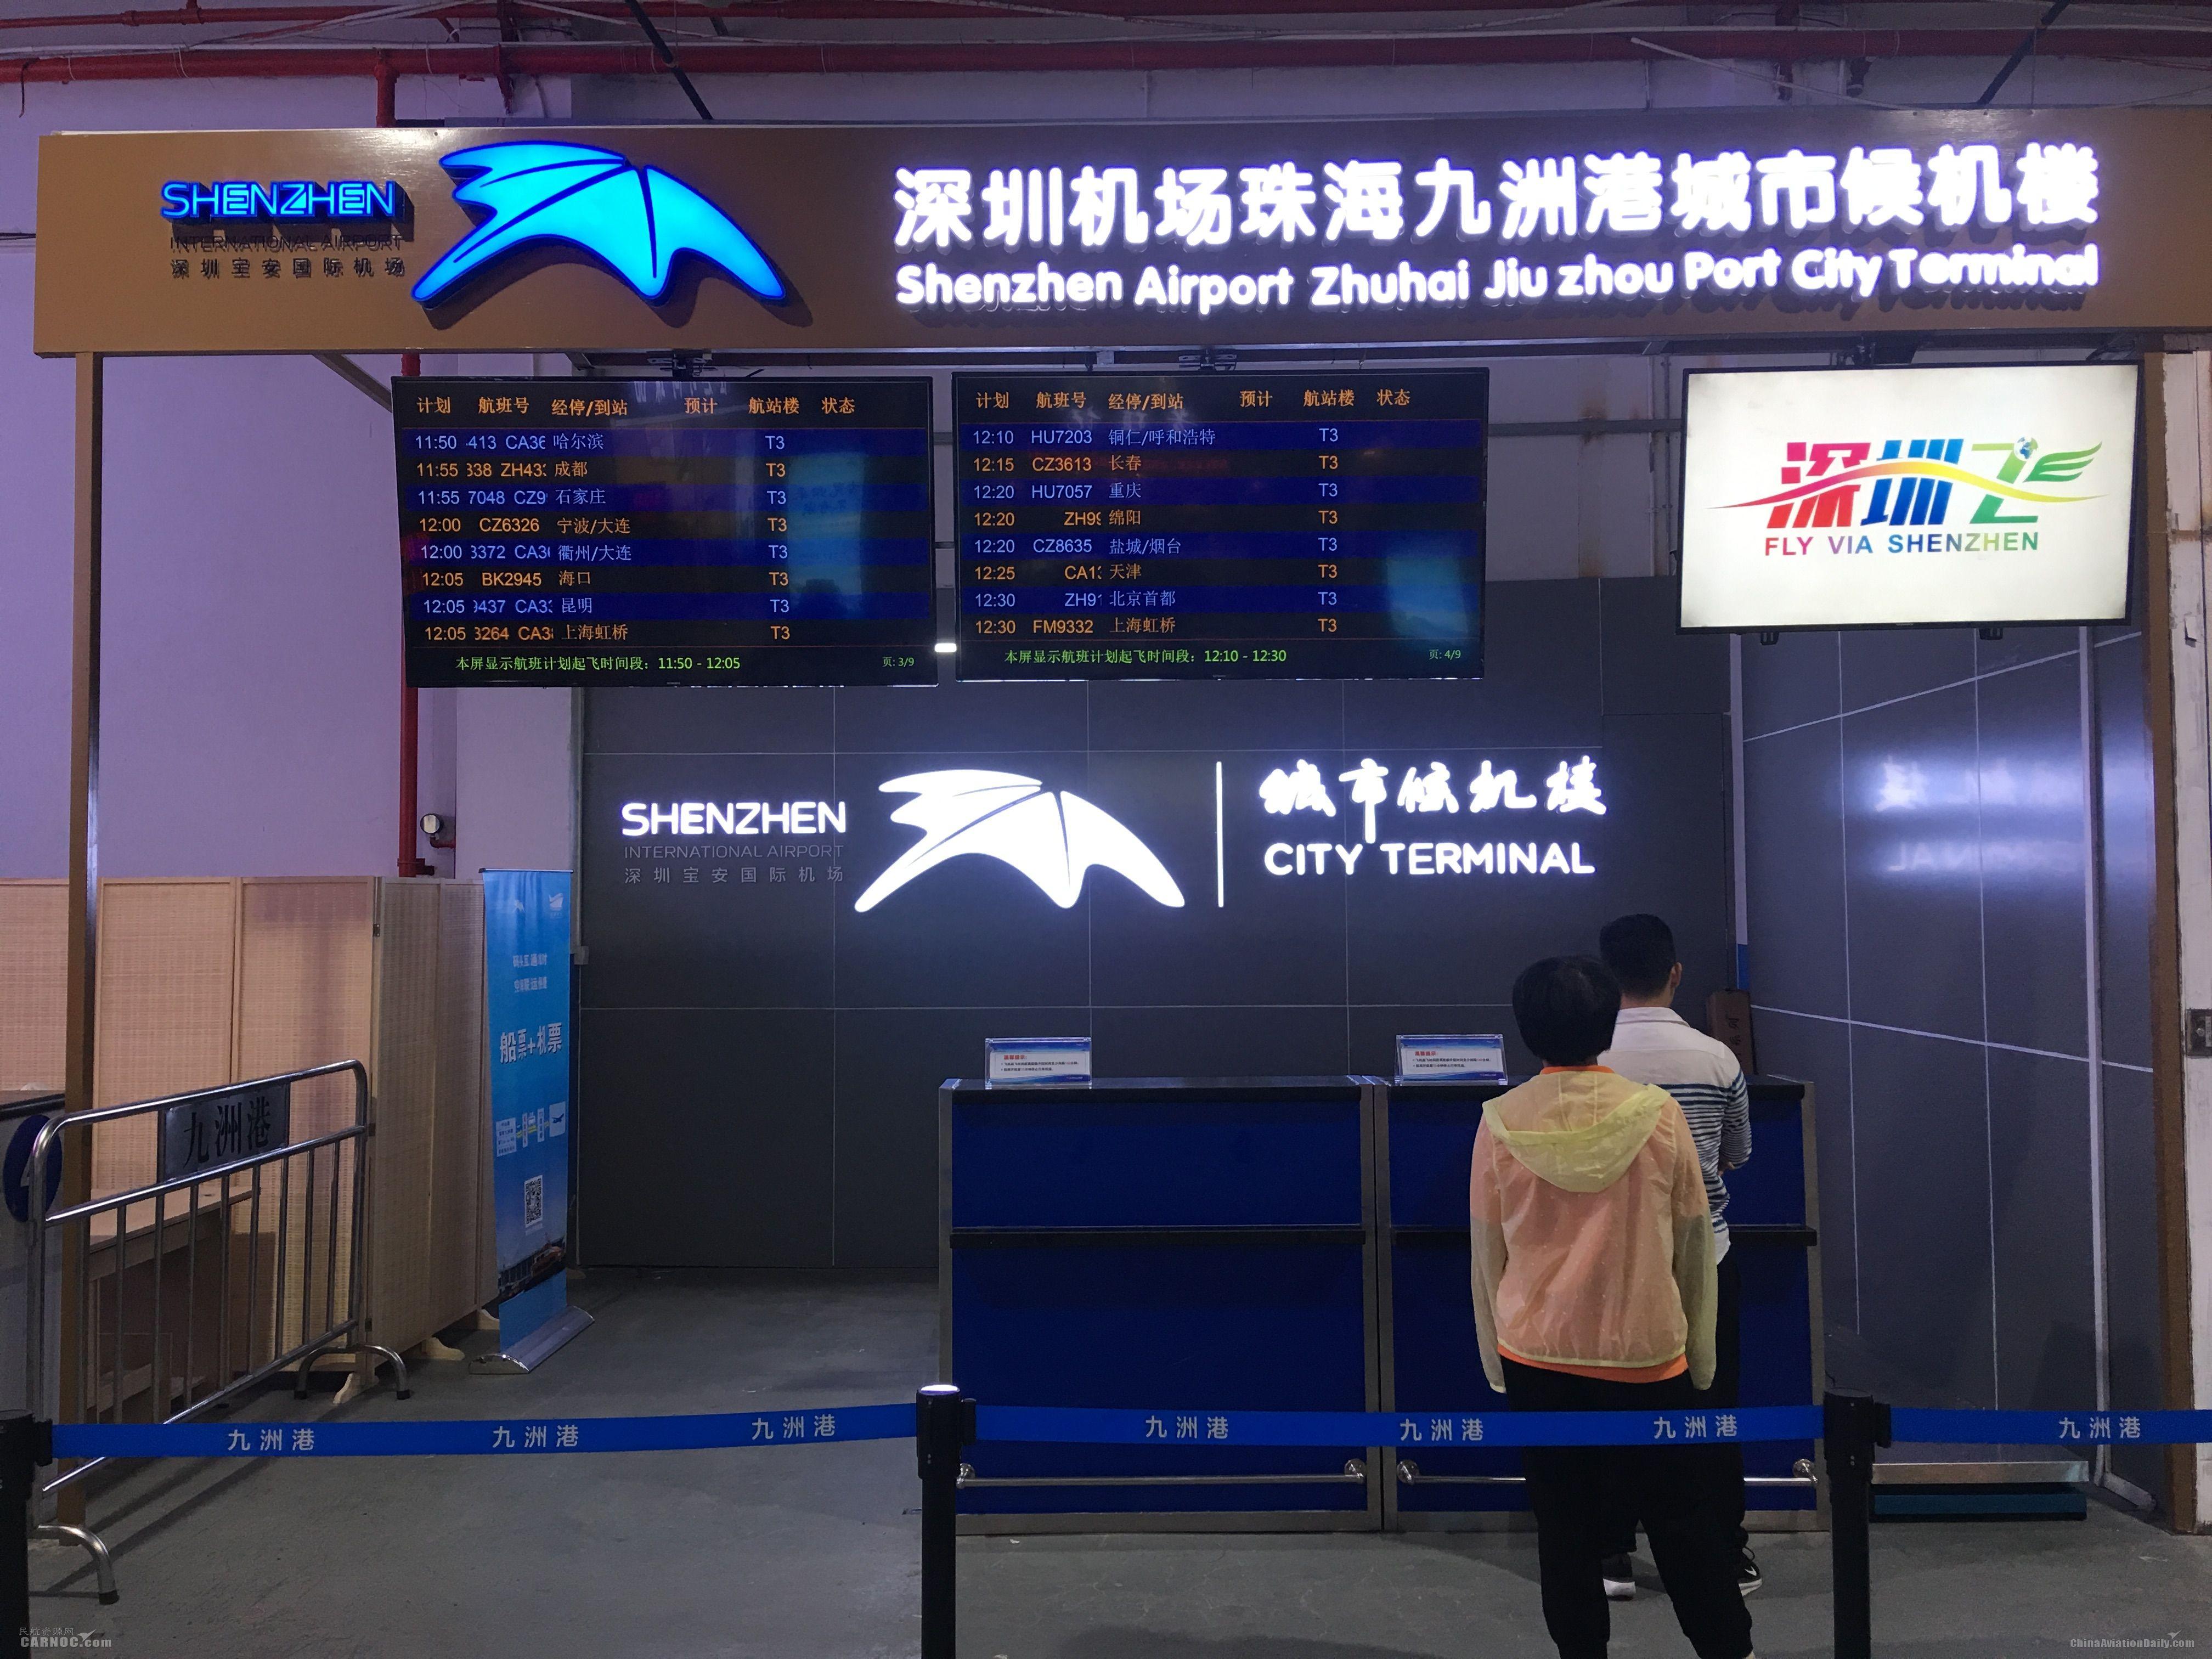 """深圳机场珠海九洲港城市候机楼启用 """"空海联运""""便利升级"""